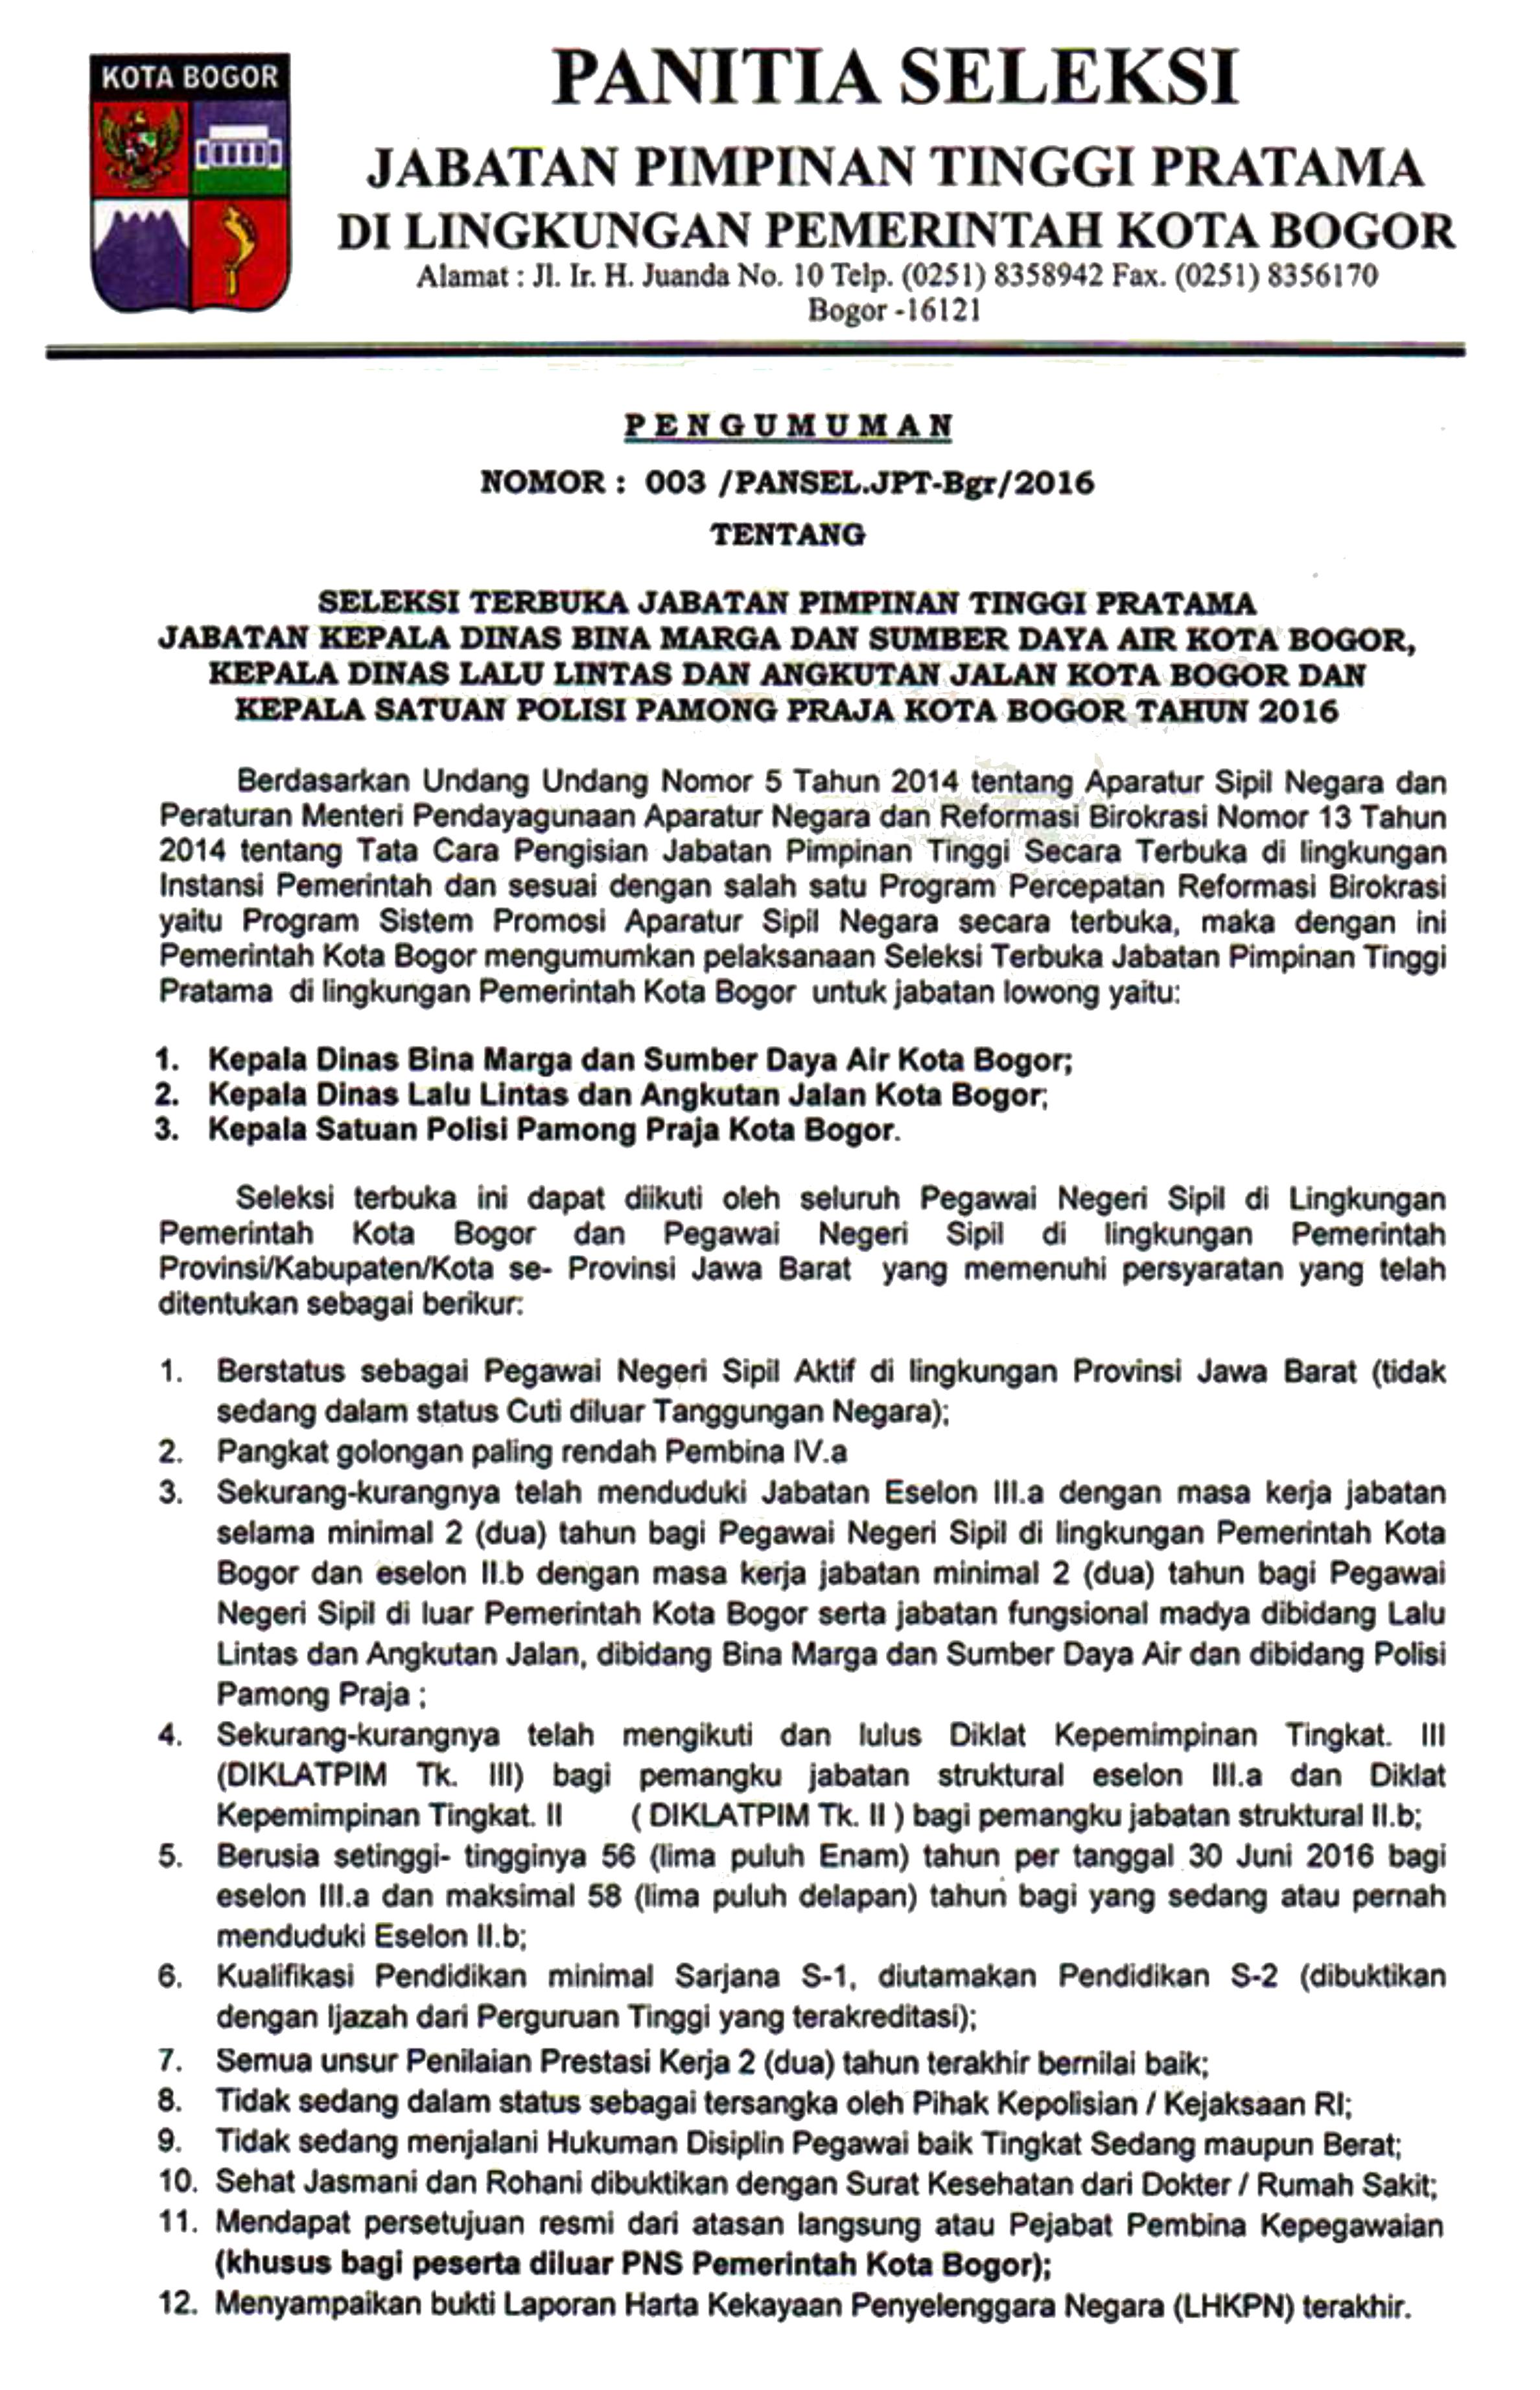 Seleksi Terbuka Jabatan Pimpinan Tinggi Pratama di Lingkungan Pemerintah Kota Bogor